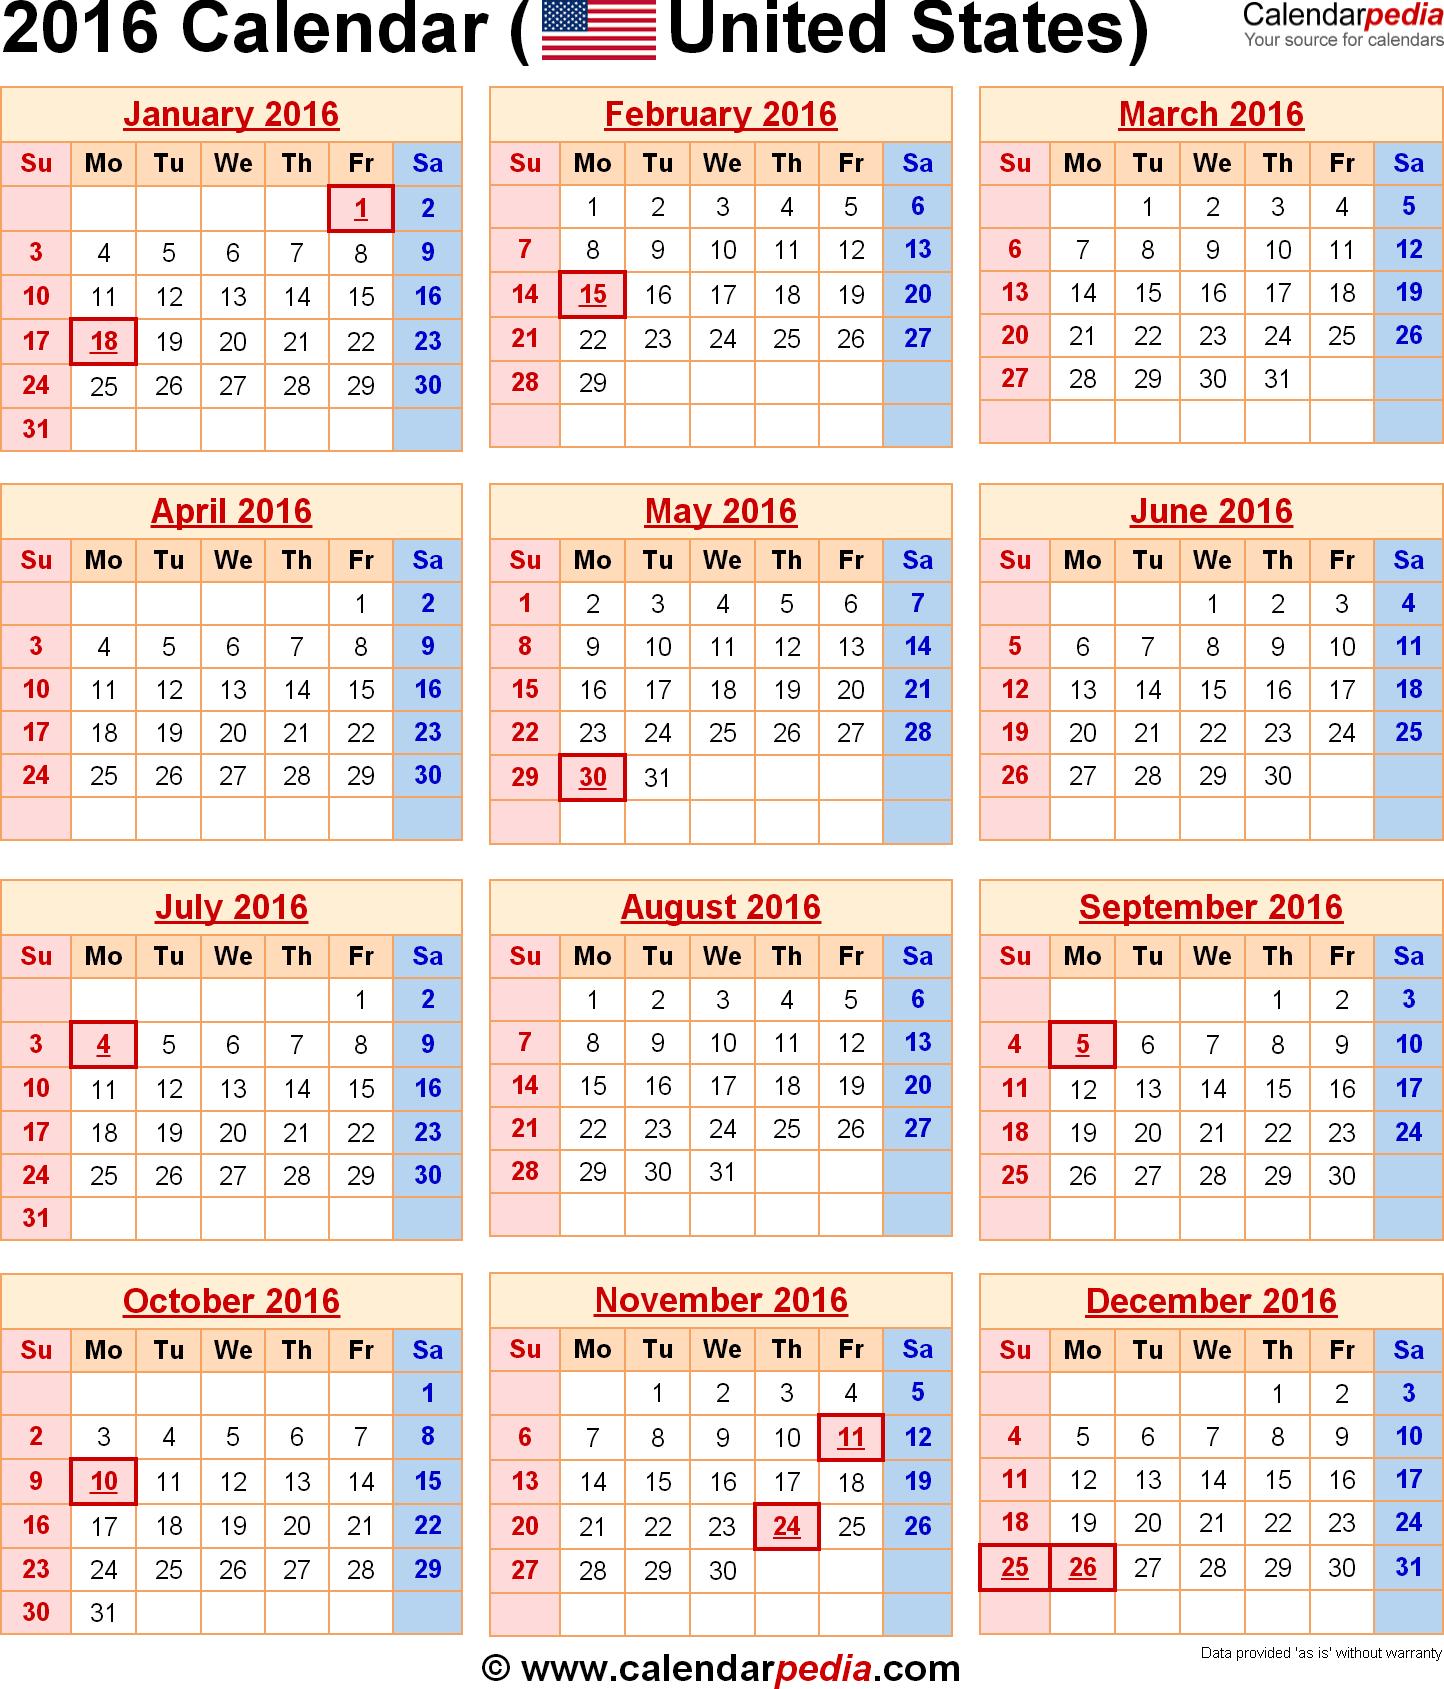 Federal Calendar 2016 Printable with Holidays USA